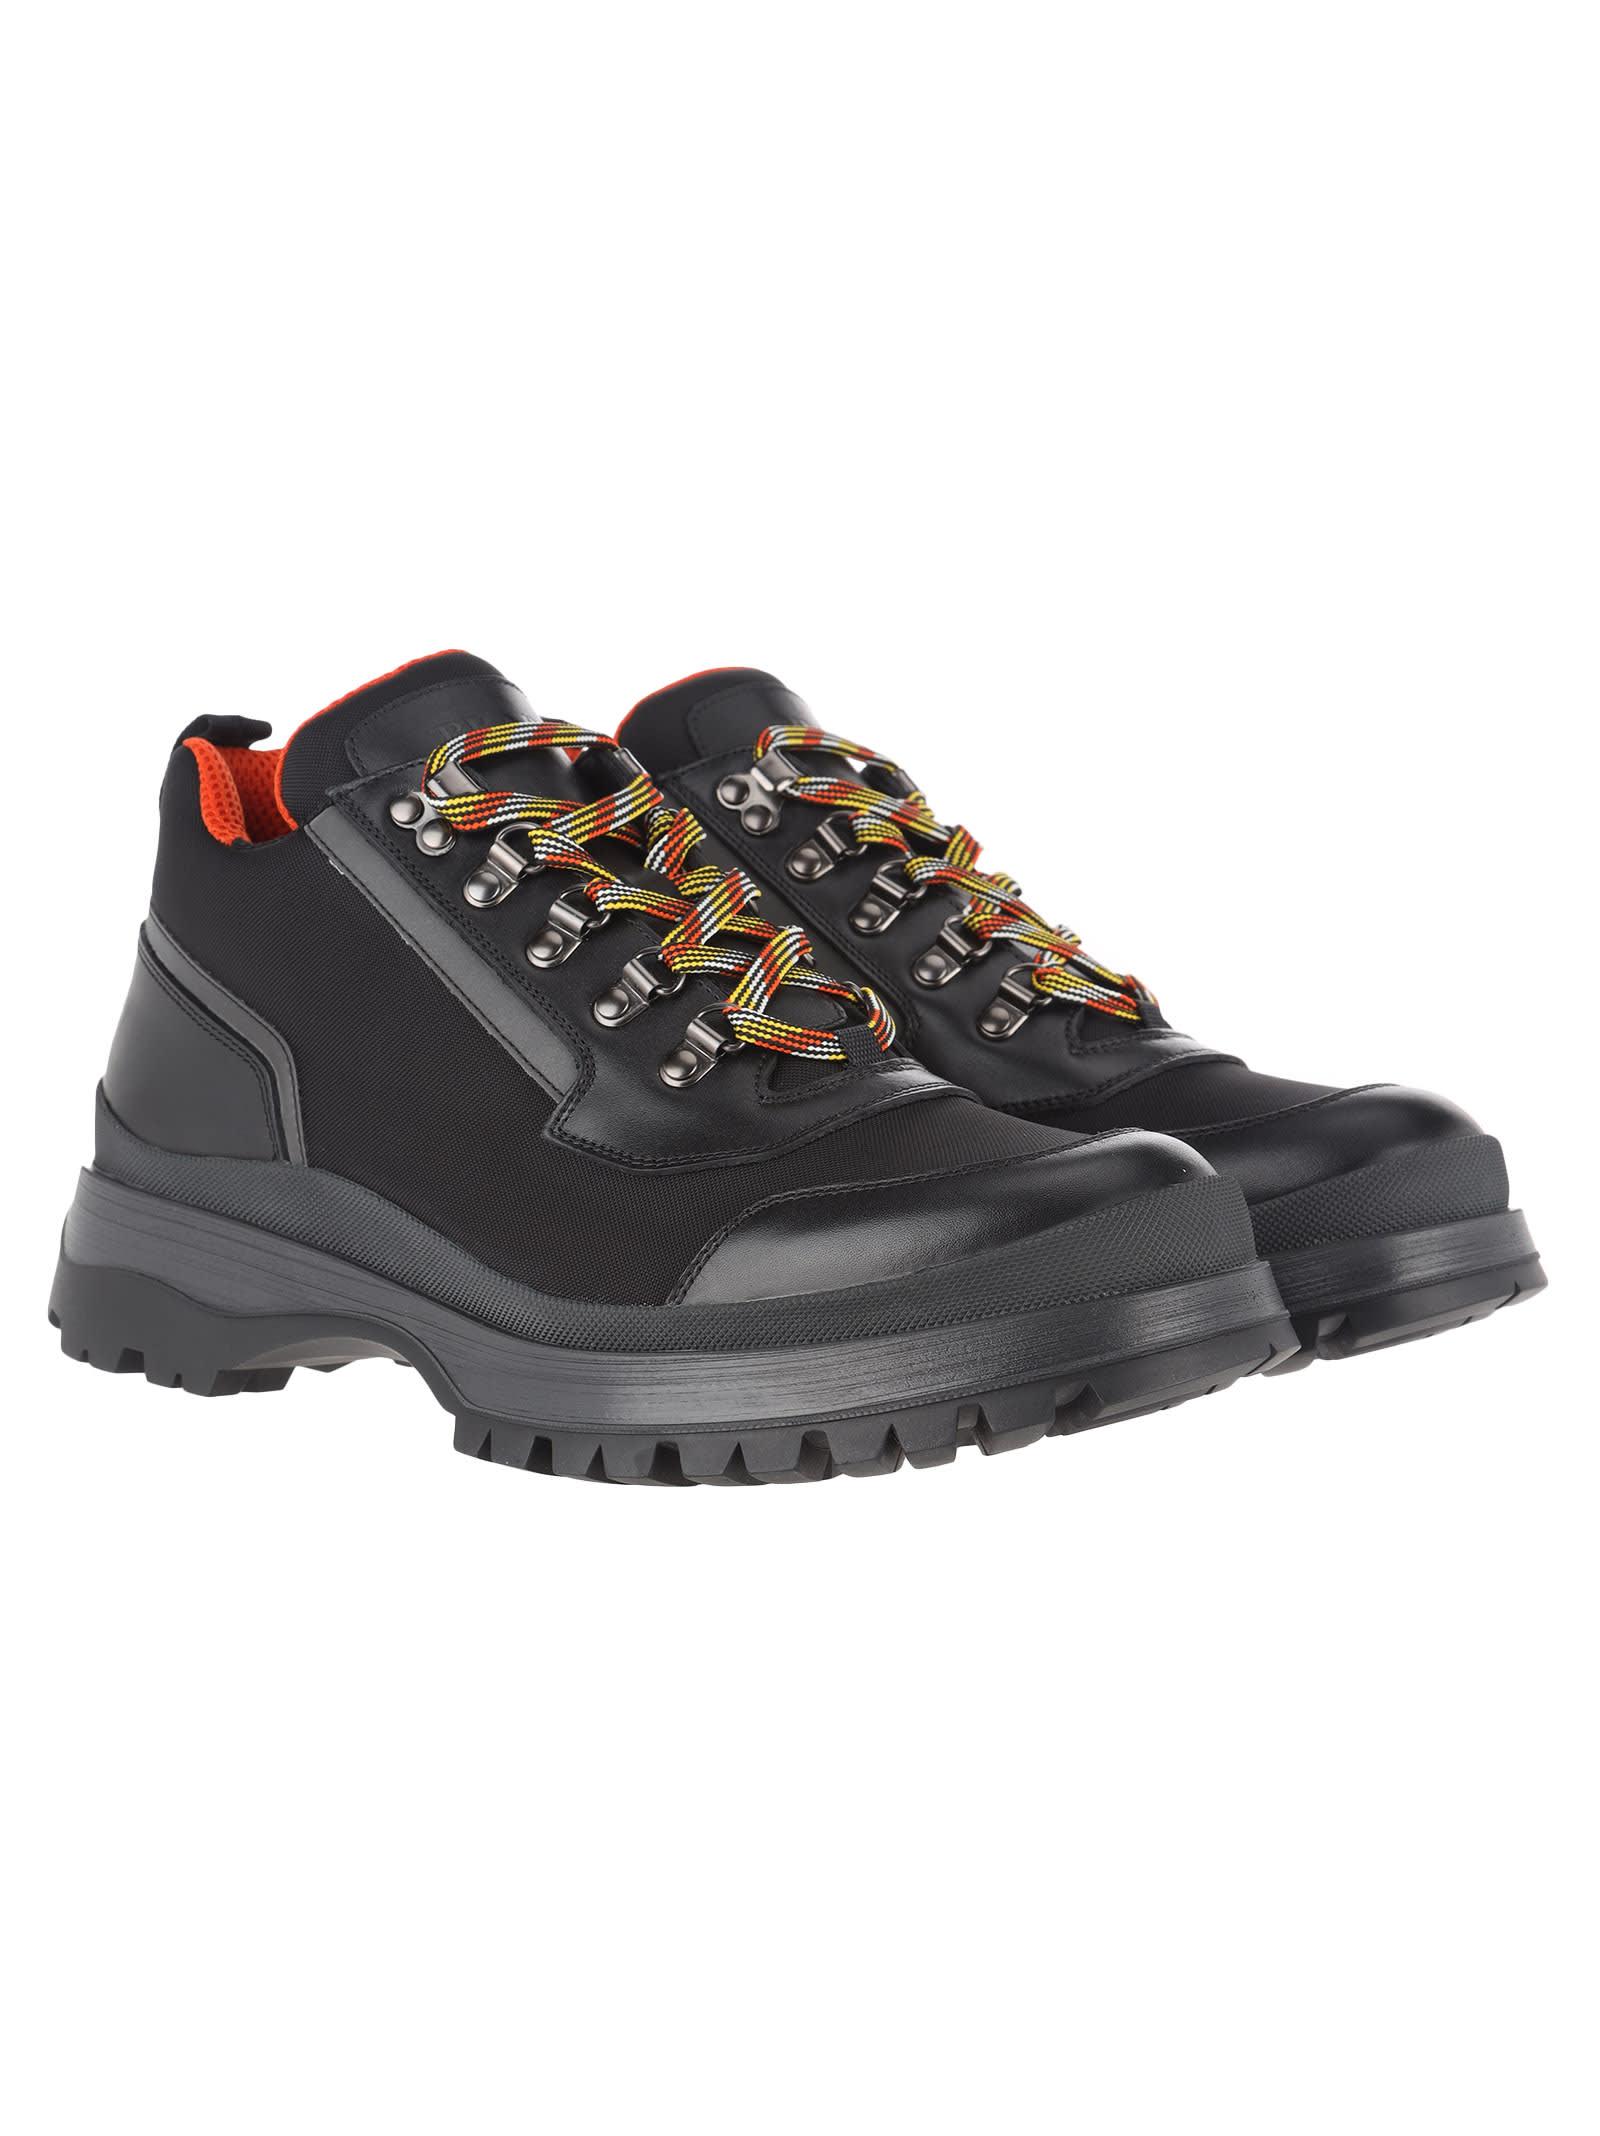 20e2778adfb Prada Brixen Boots